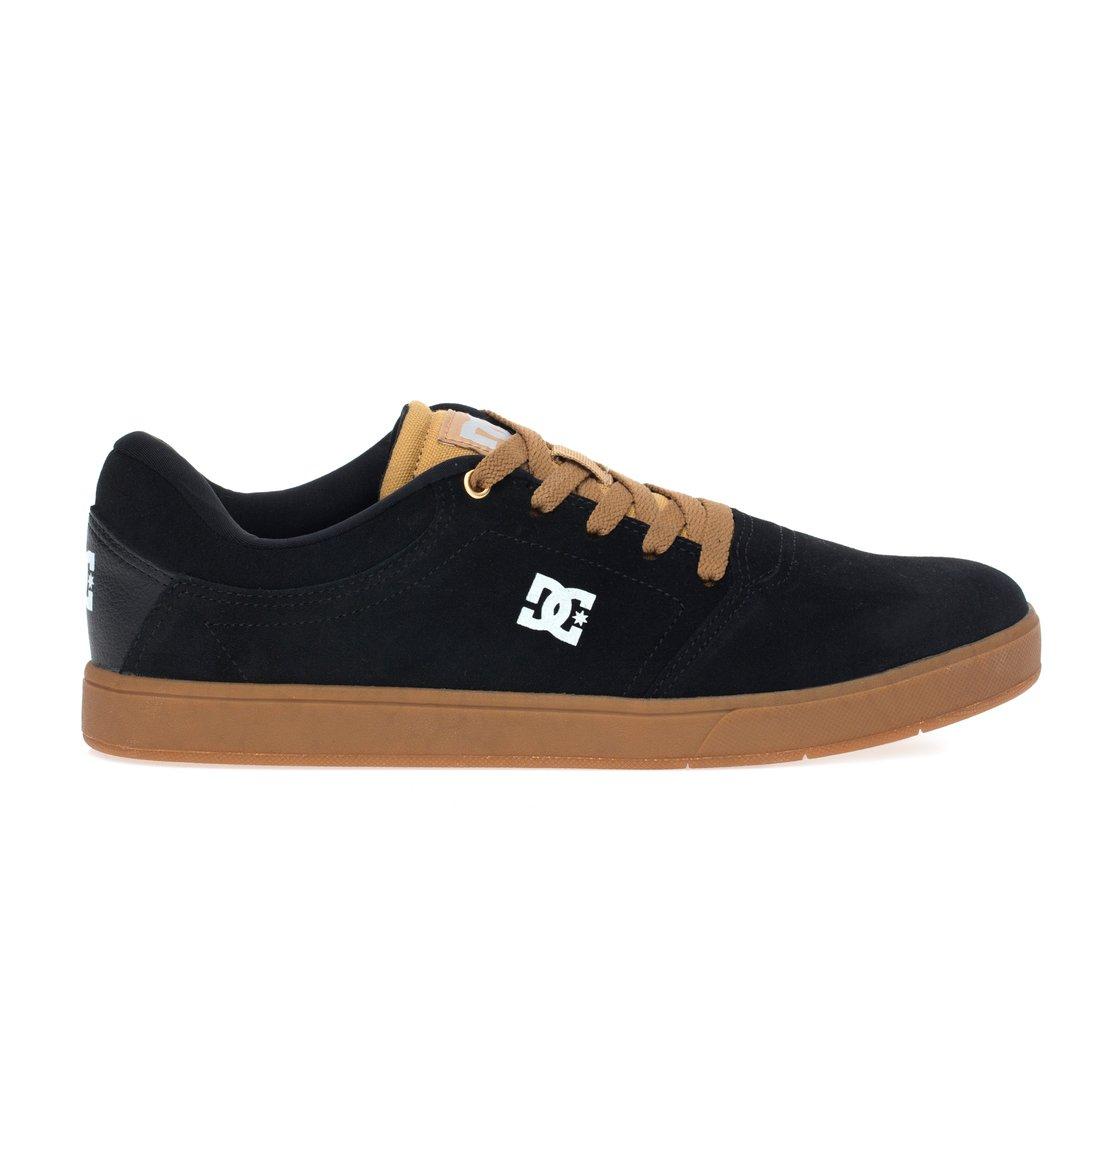 0 Tênis masculino Crisis LA Marrom BRADYS100029L DC Shoes b99657da5acb4